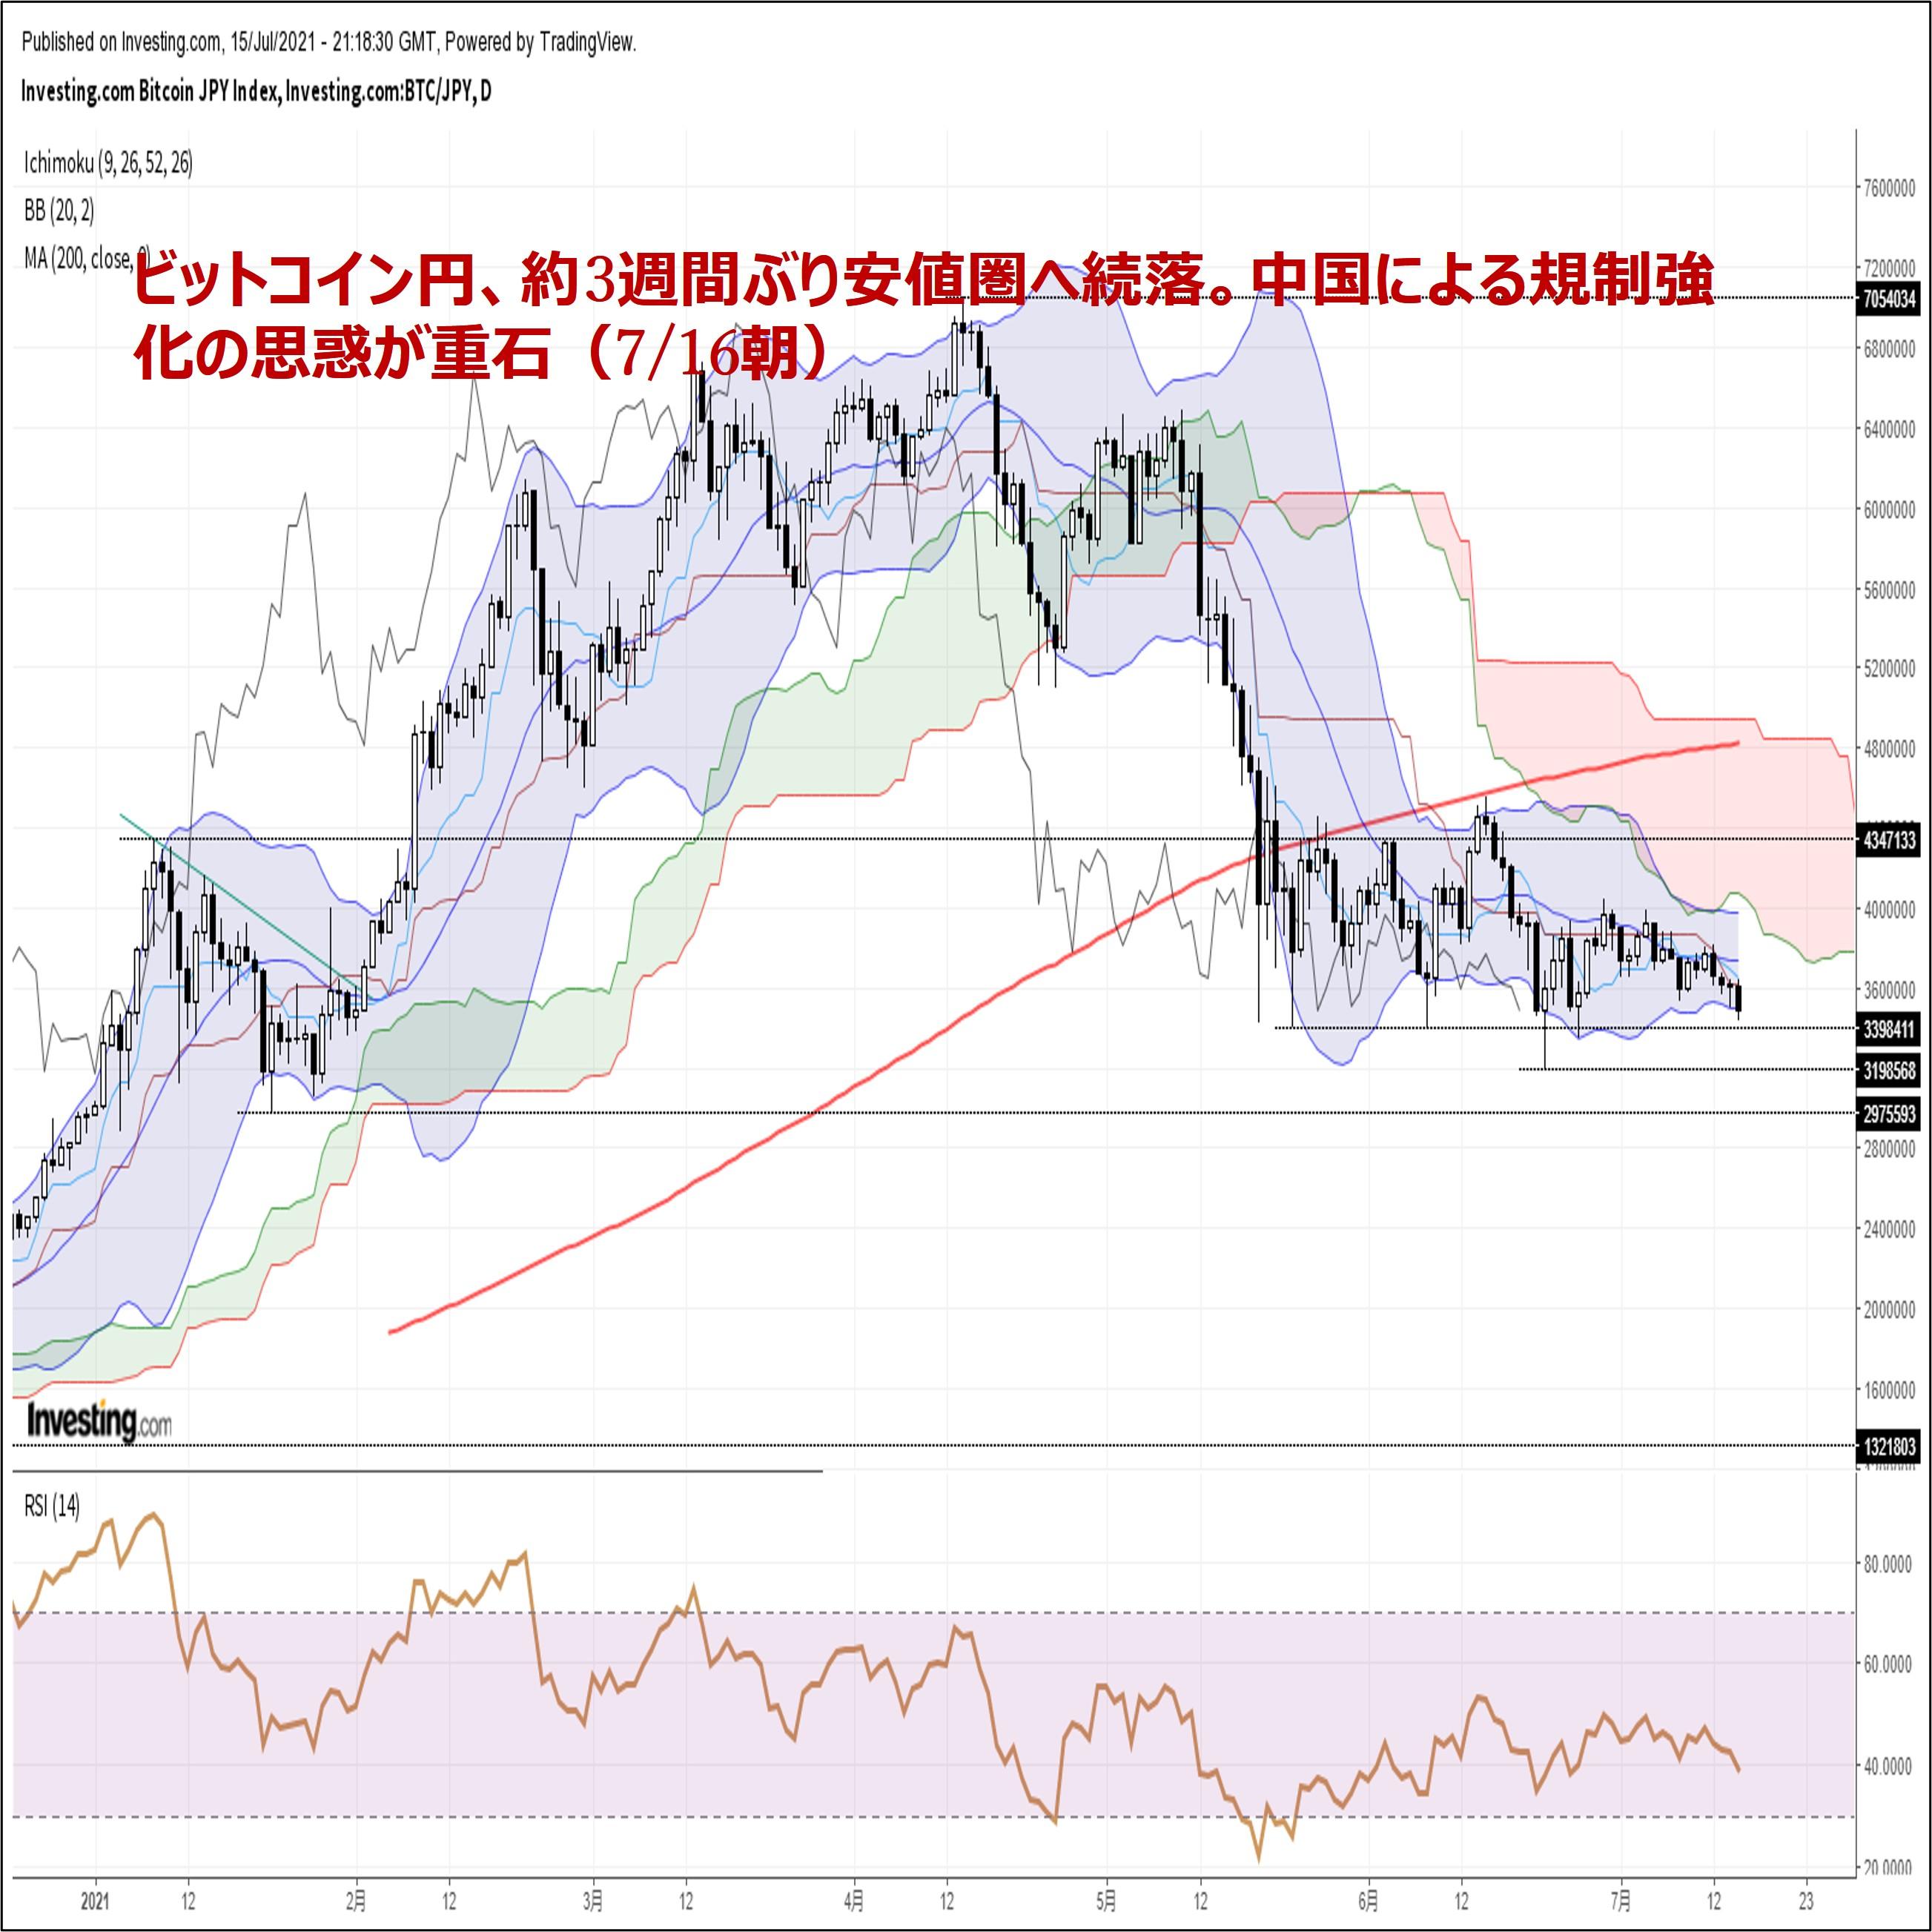 ビットコイン円、約3週間ぶり安値圏へ続落。中国による規制強化の思惑が重石